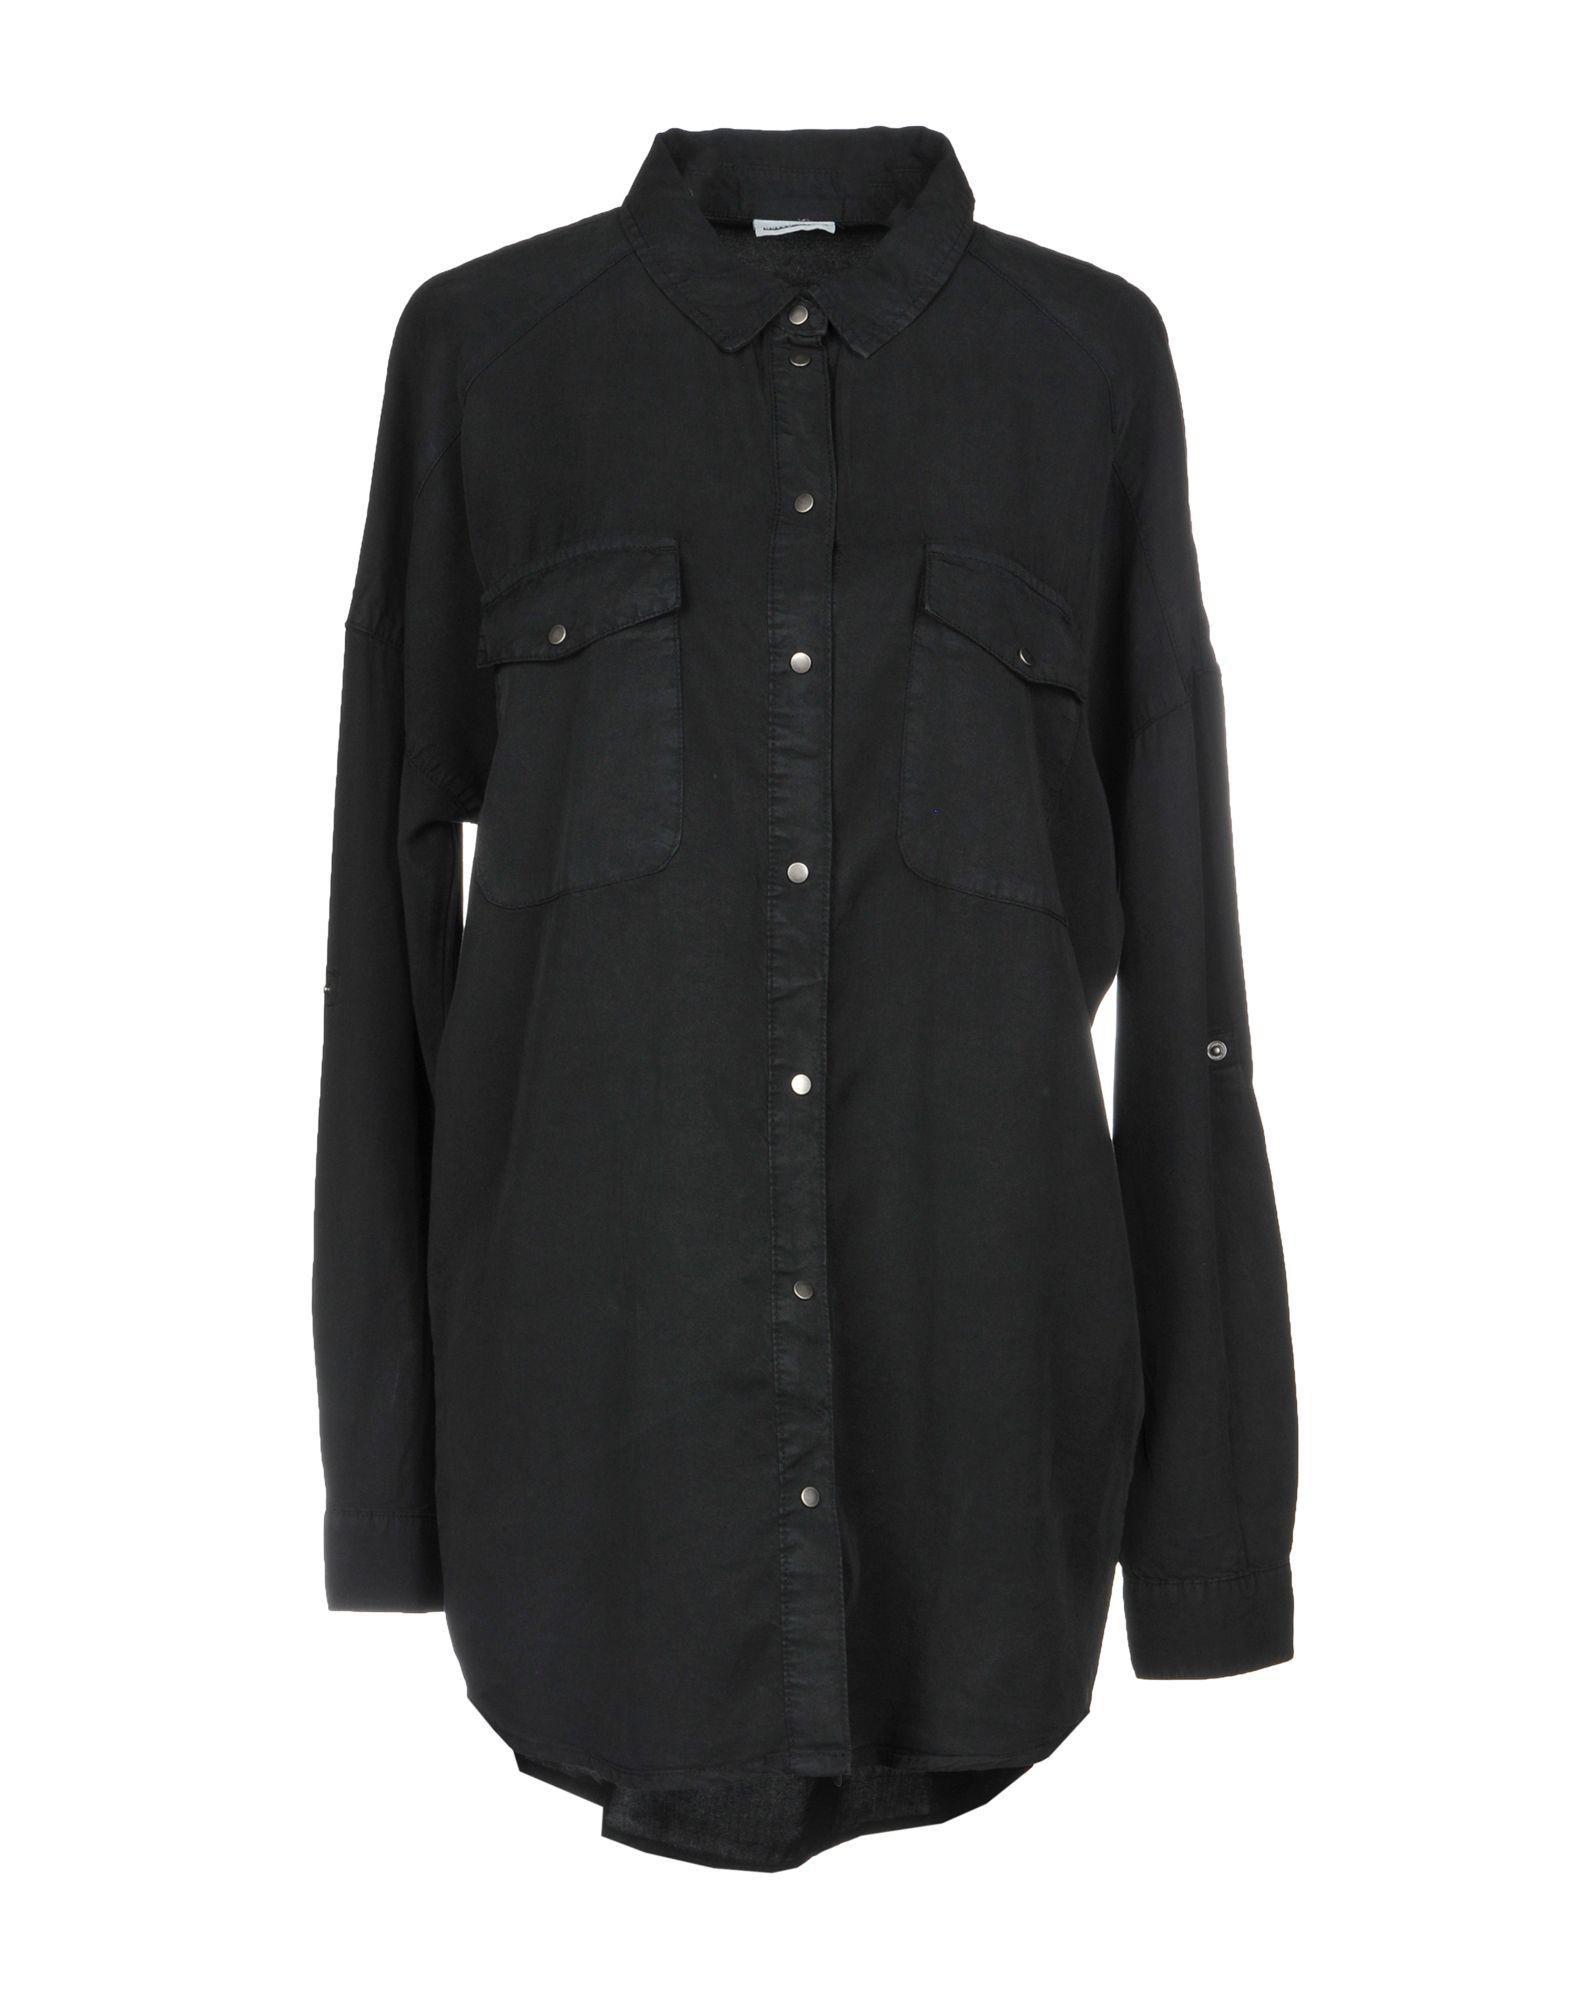 《送料無料》NOISY MAY レディース シャツ ブラック XS テンセル 100%